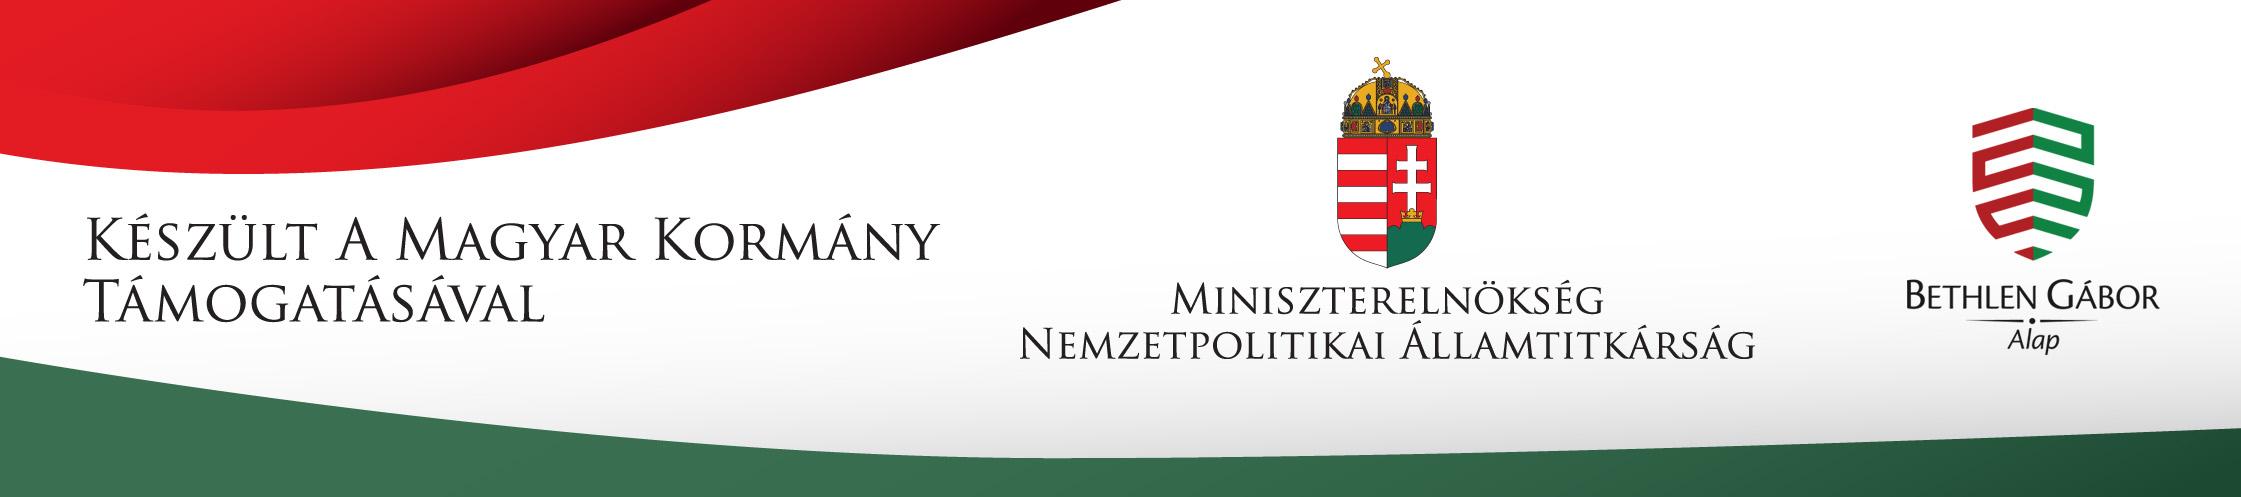 Letölthető logók – bgazrt.hu